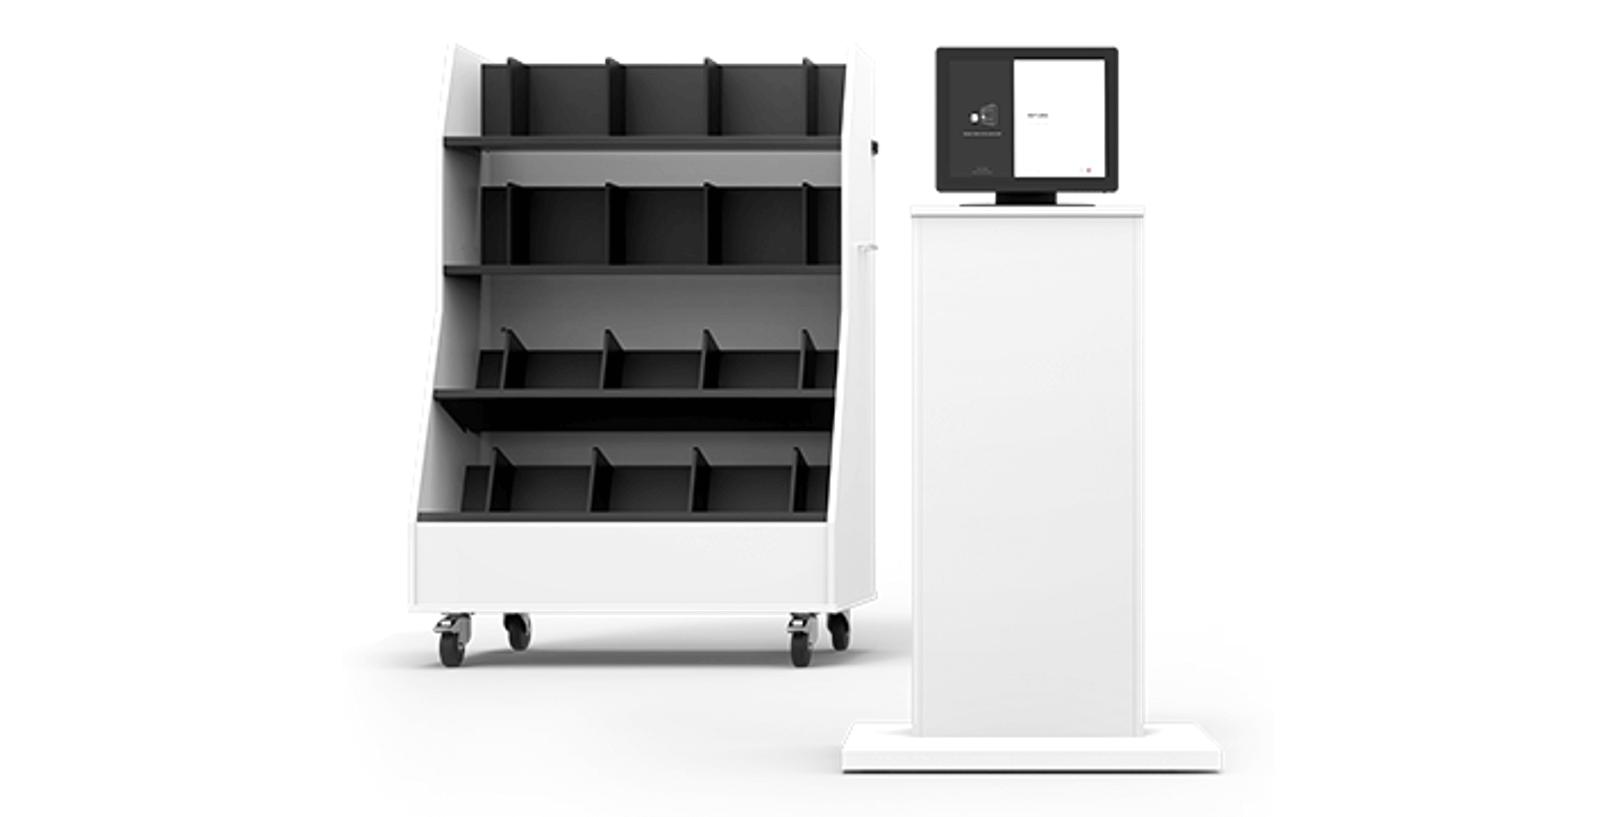 RFID Intelligent Returning Shelf